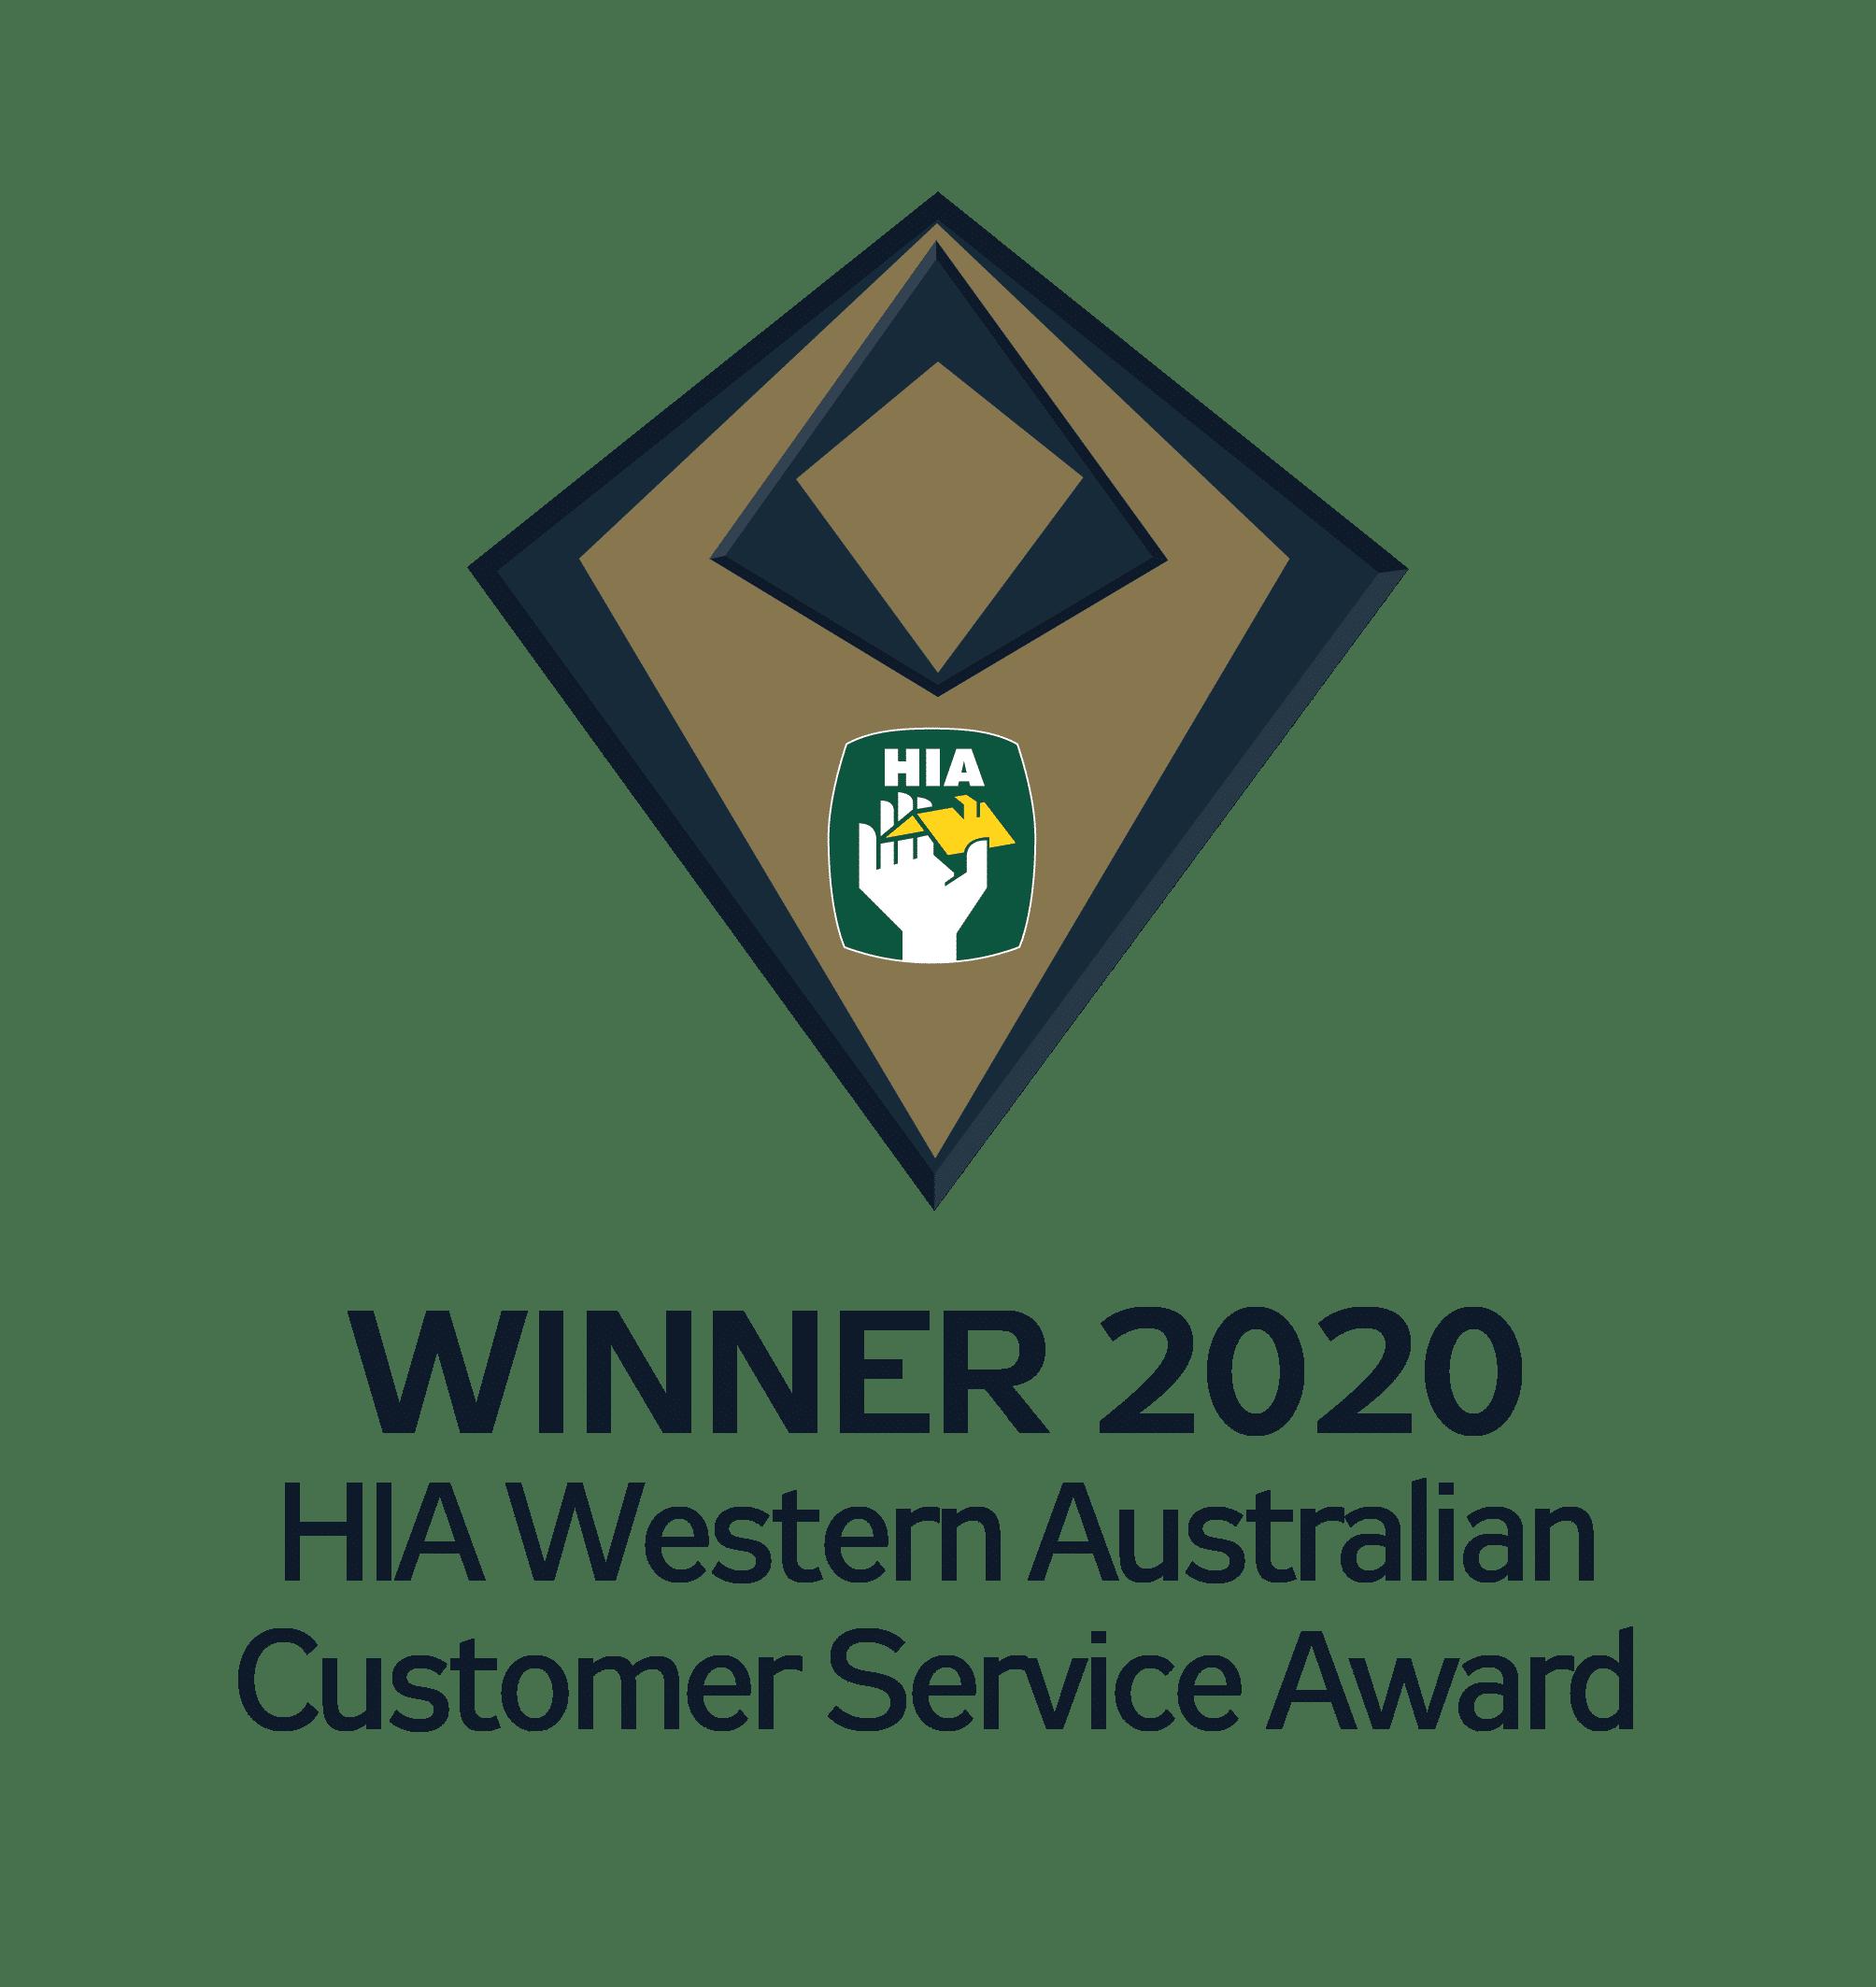 HIA Western Australian Customer Service Award